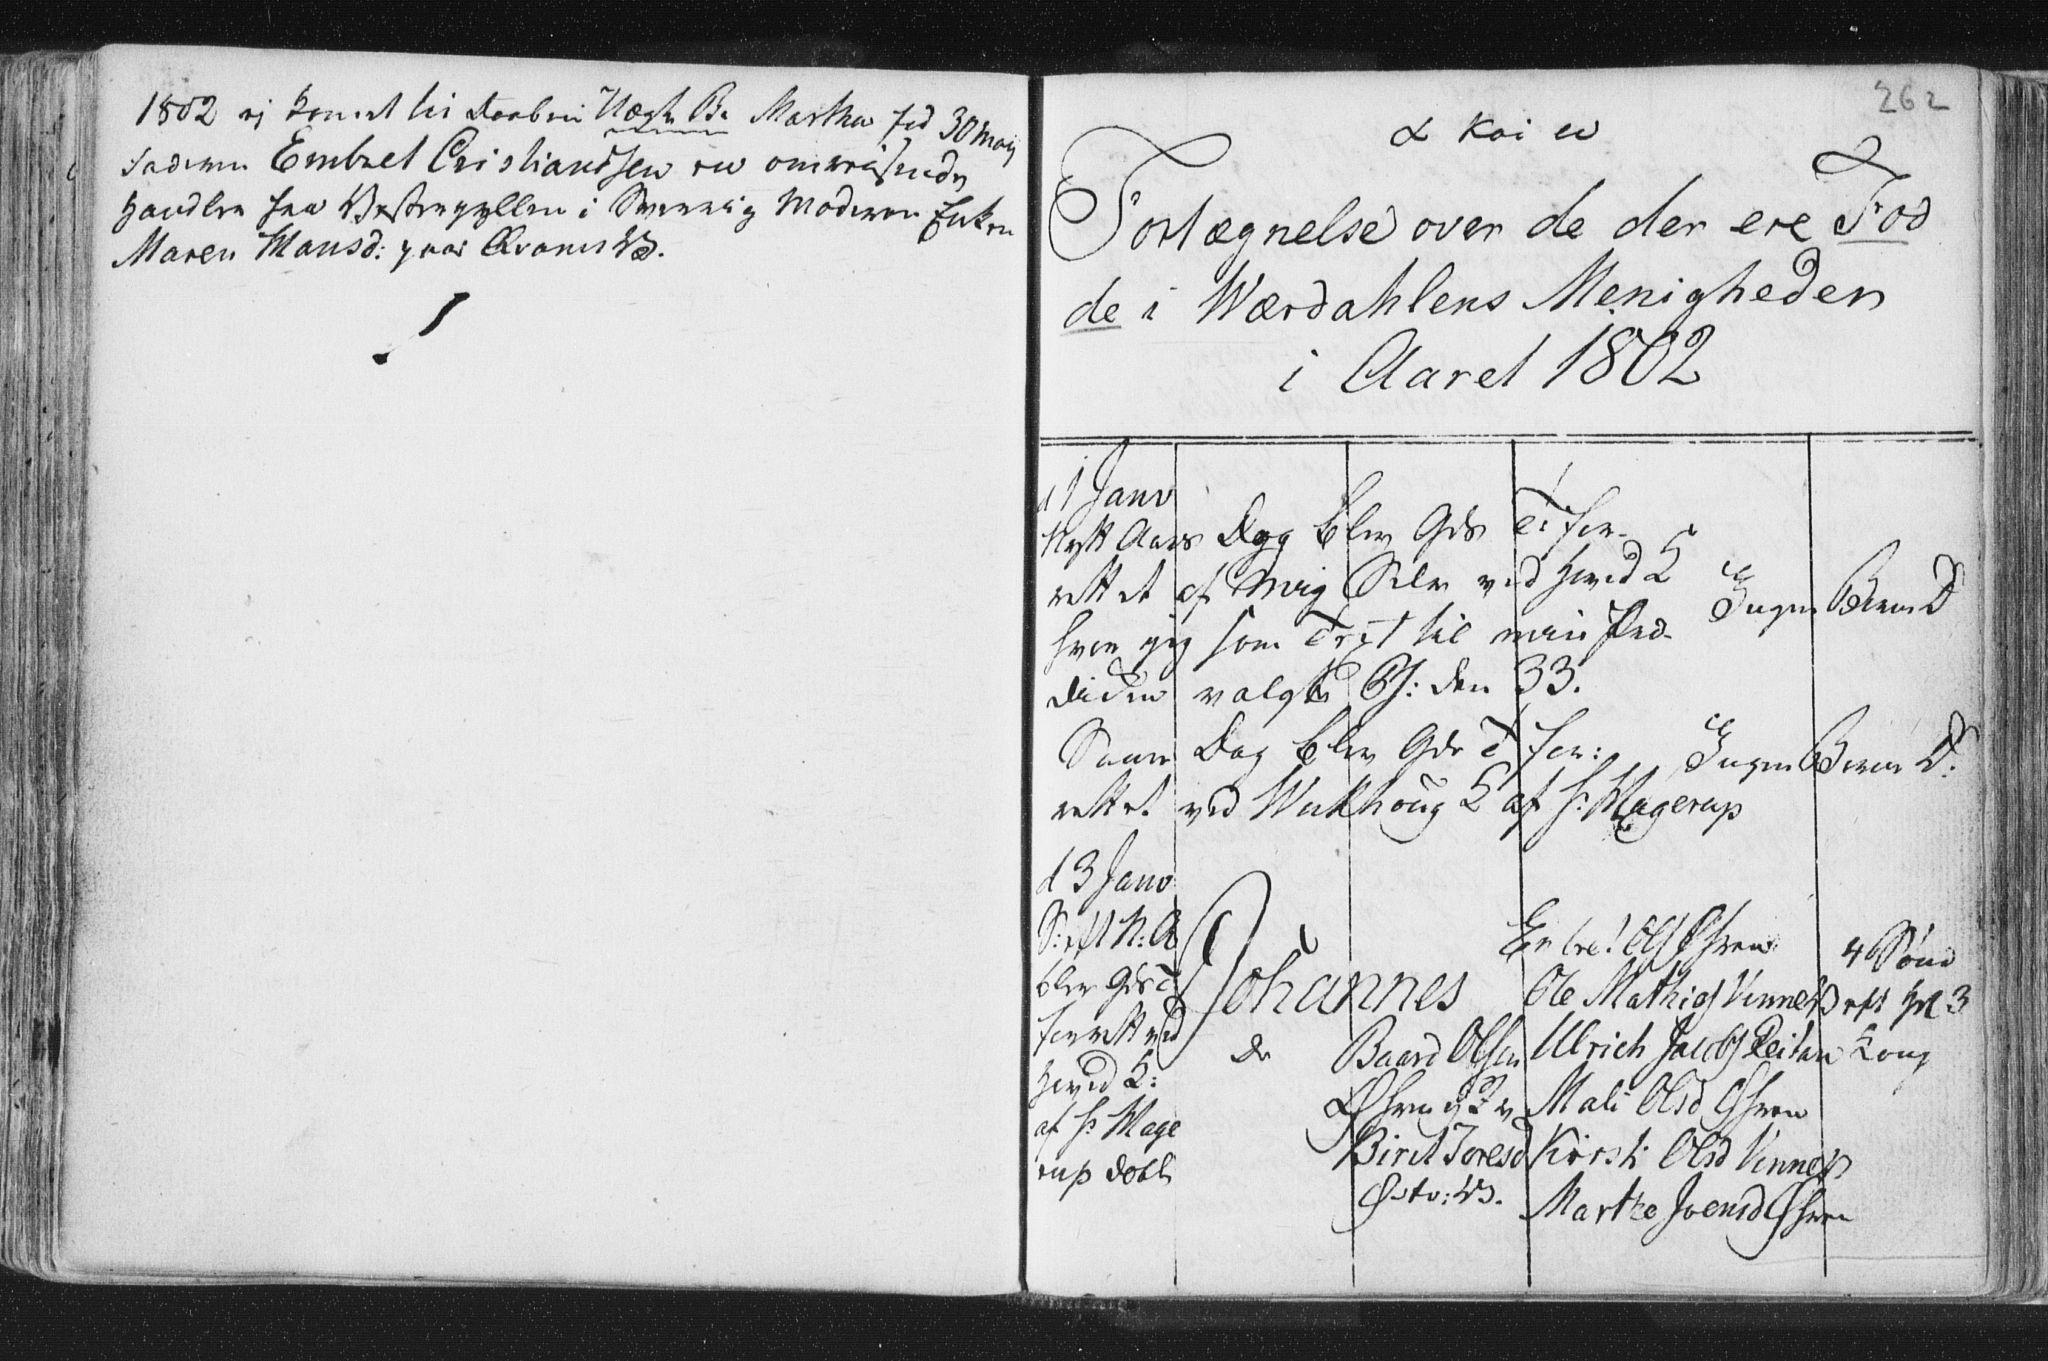 SAT, Ministerialprotokoller, klokkerbøker og fødselsregistre - Nord-Trøndelag, 723/L0232: Ministerialbok nr. 723A03, 1781-1804, s. 262